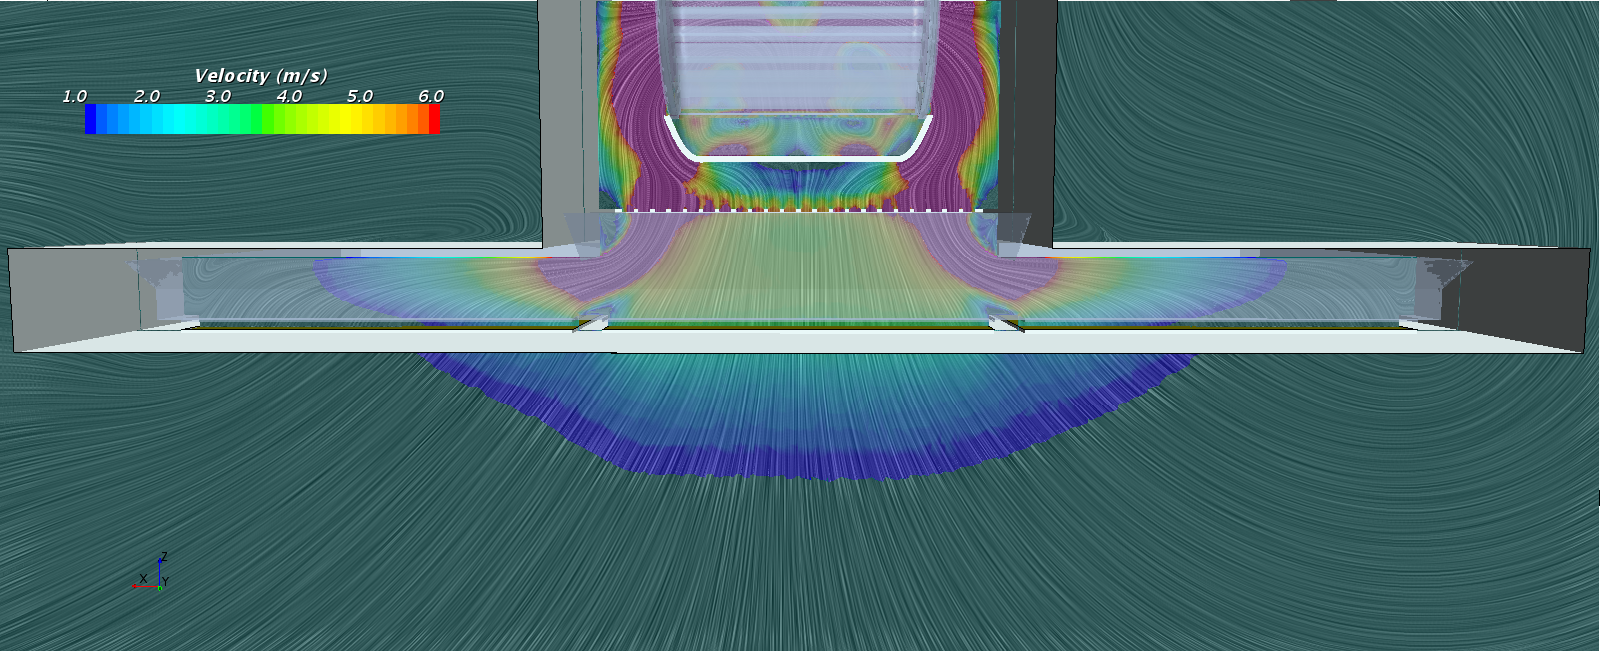 fluiodesign: Strömungssimulation für Produktentwicklung und Innovation